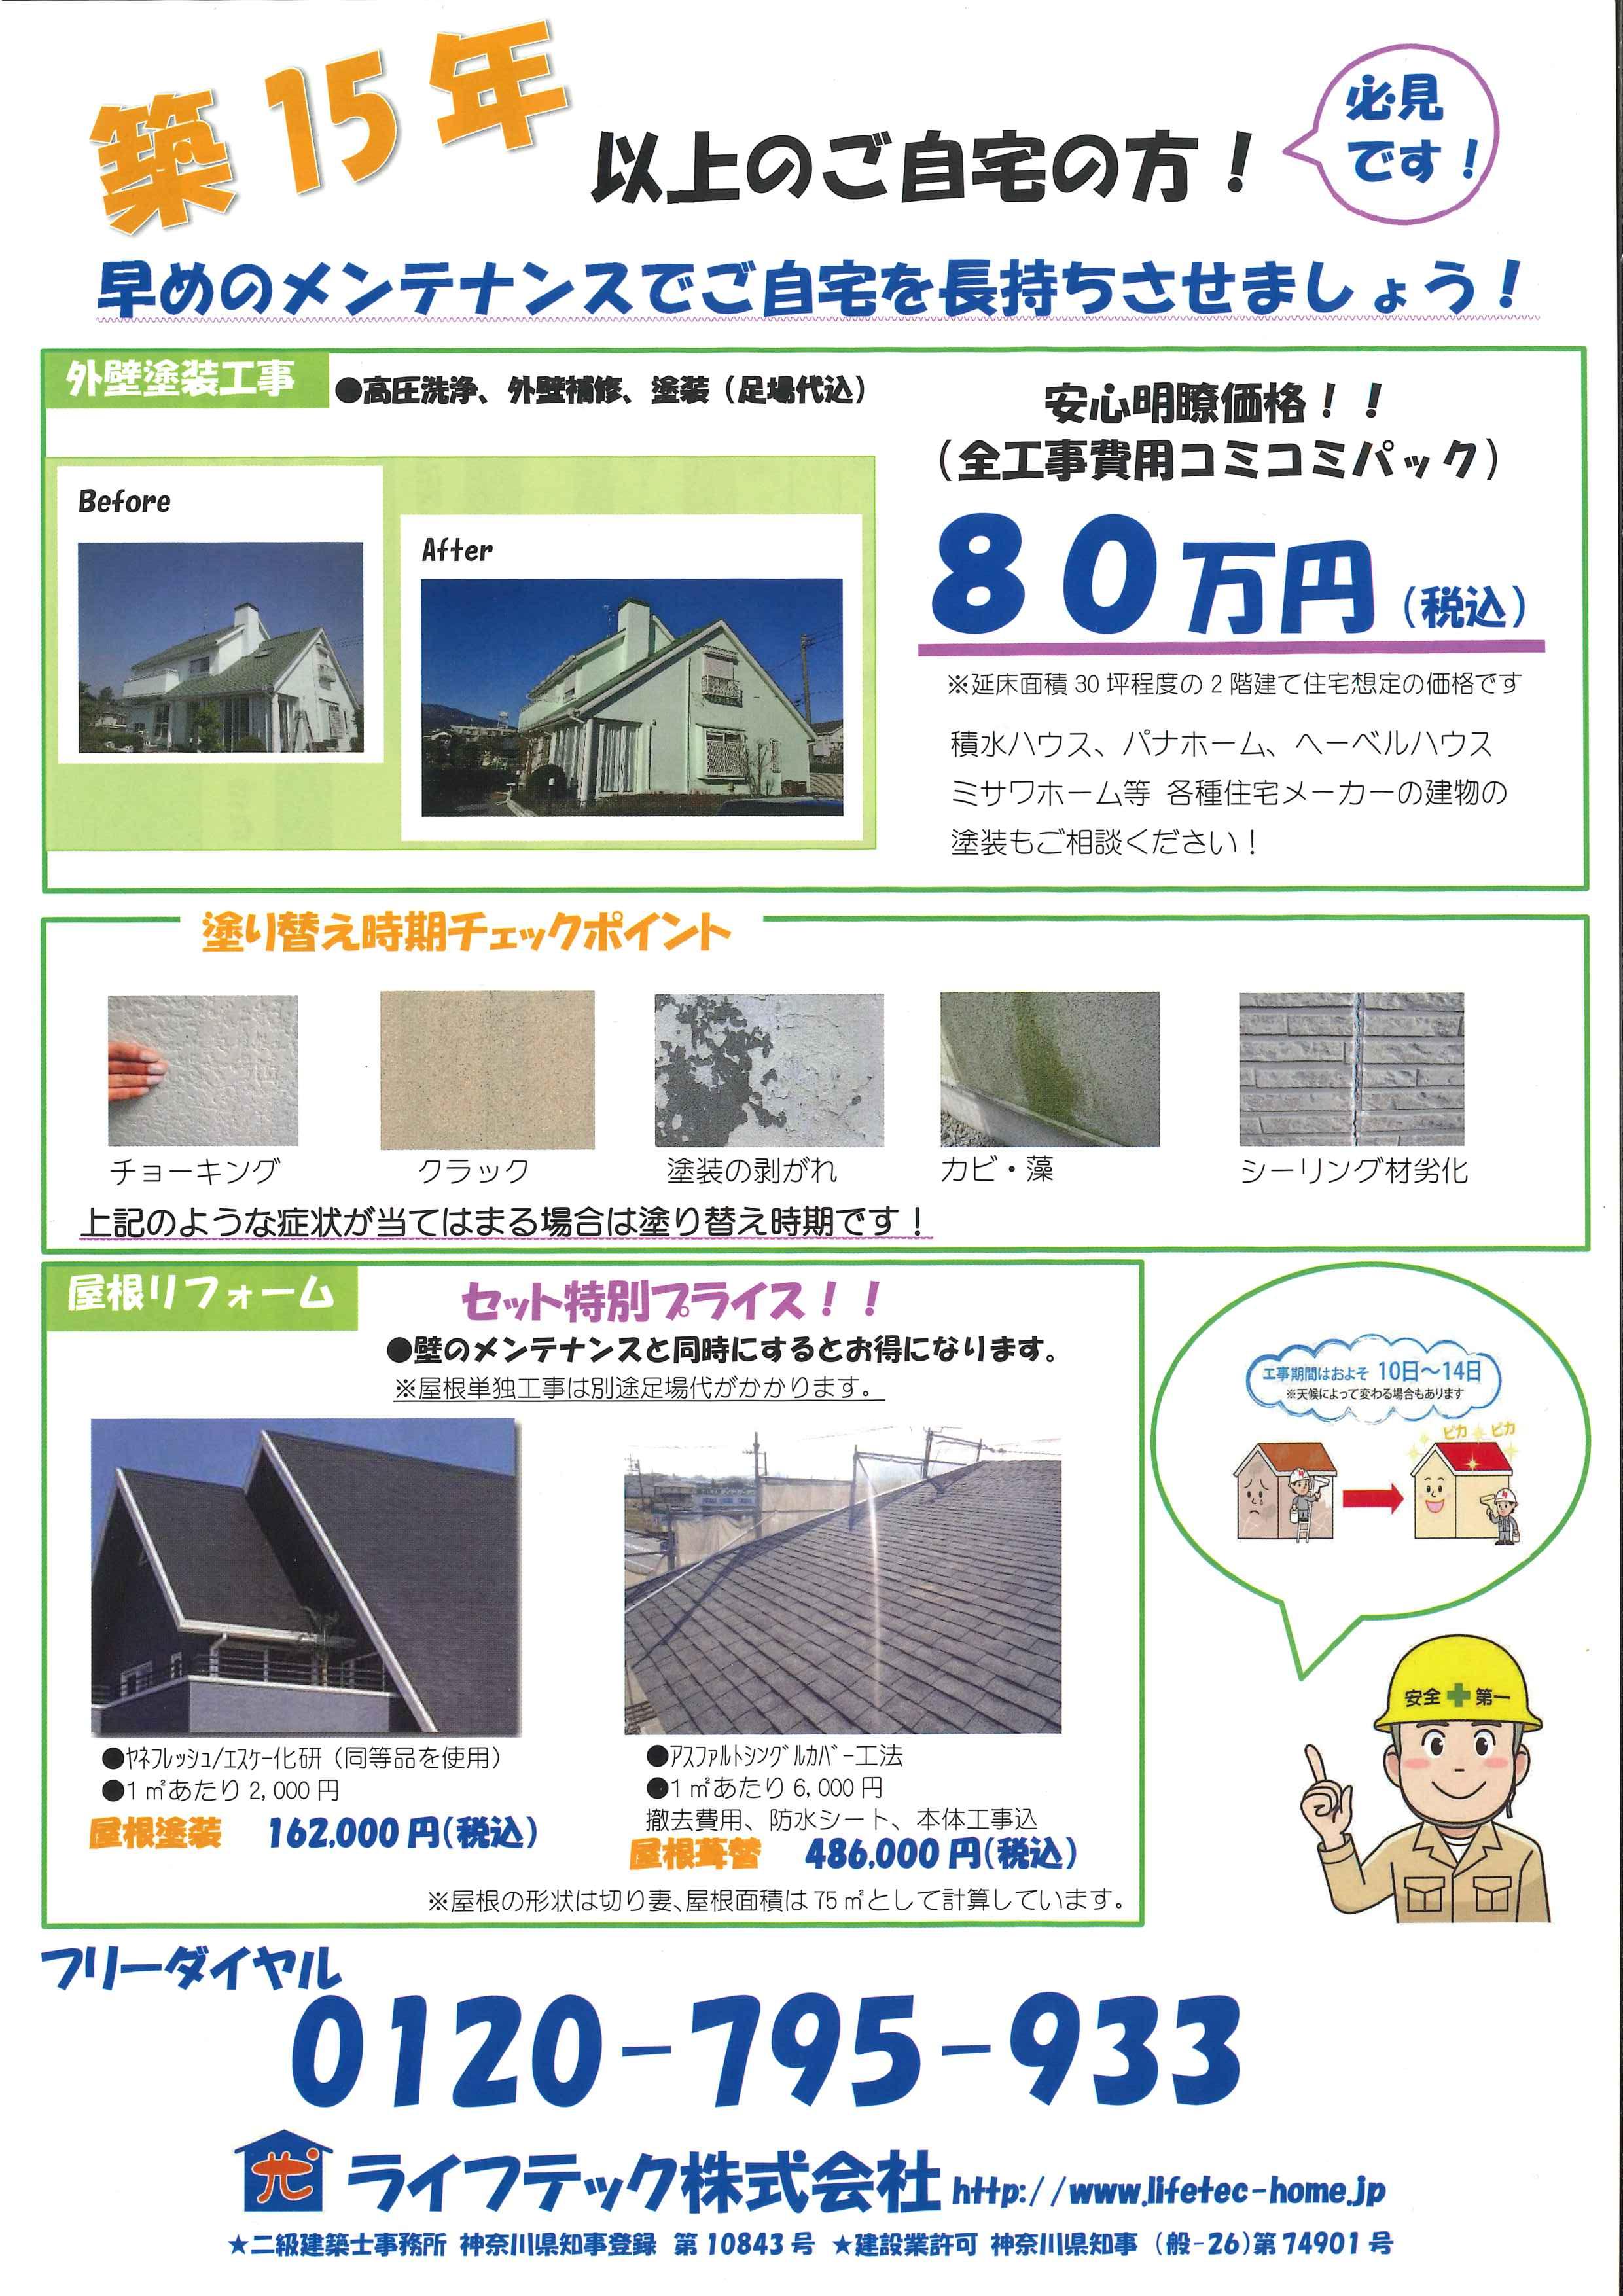 『屋根・外壁リフォームキャンペーン』開催中!!